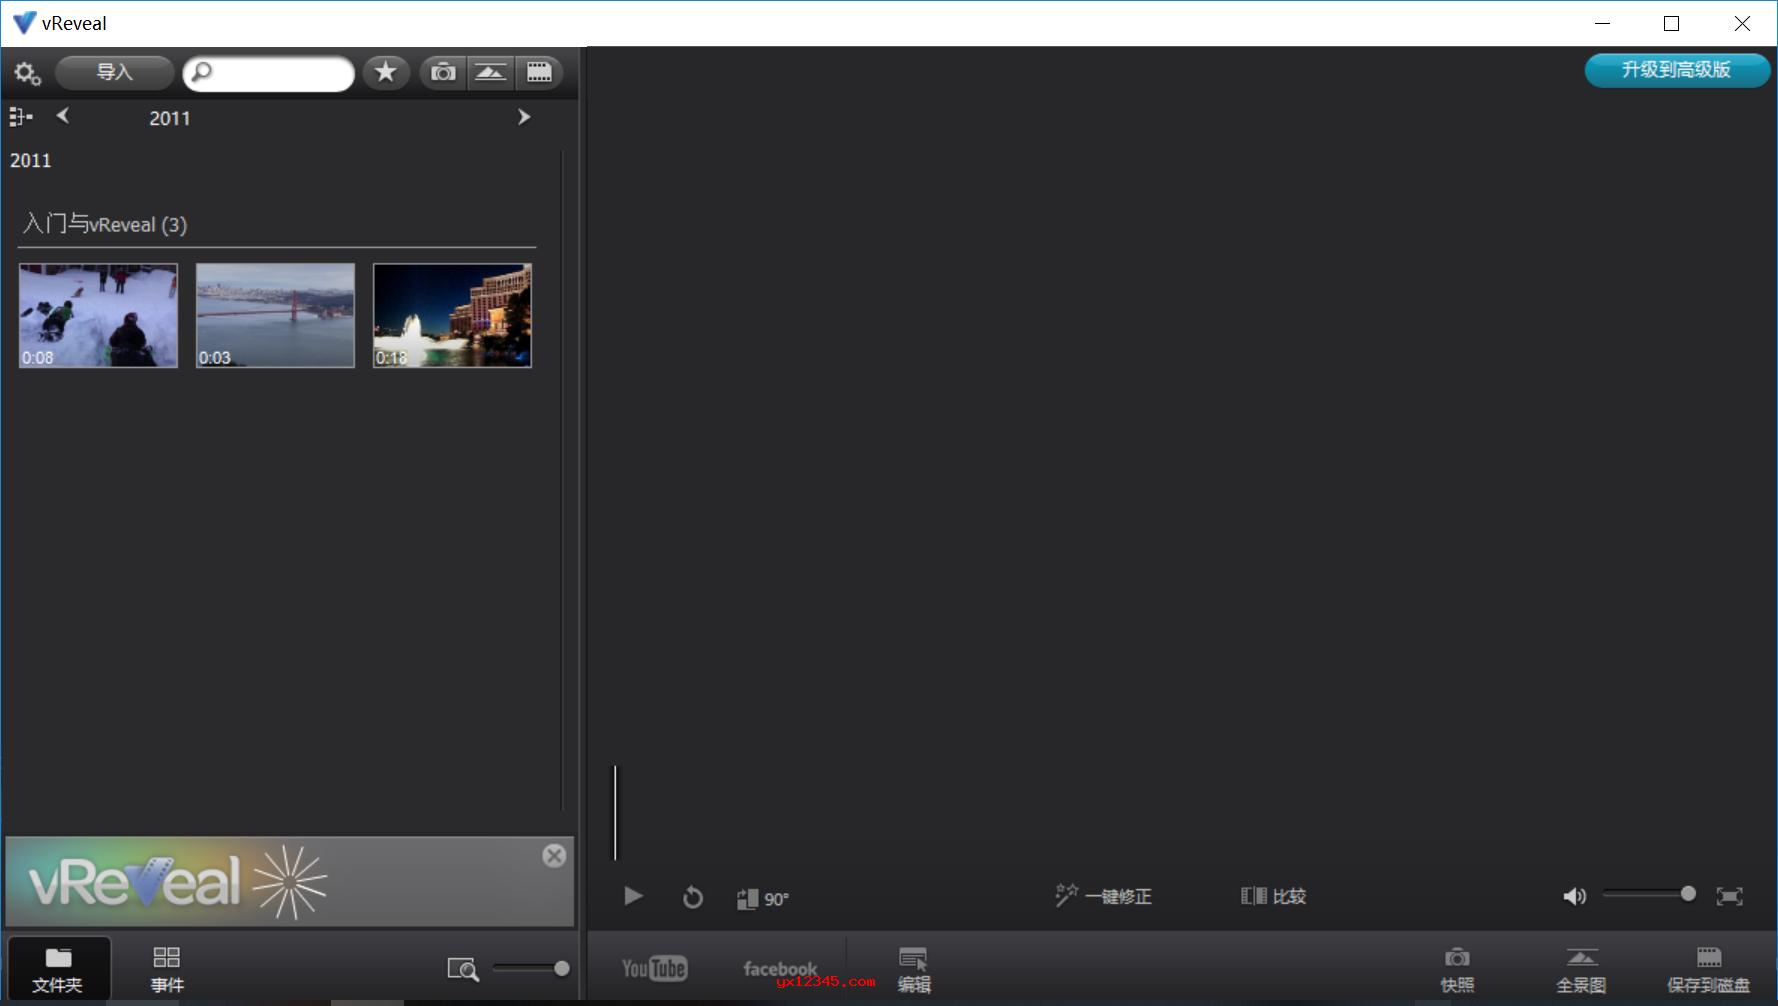 视频修复、模糊视频变清晰软件_vReveal premium破解版